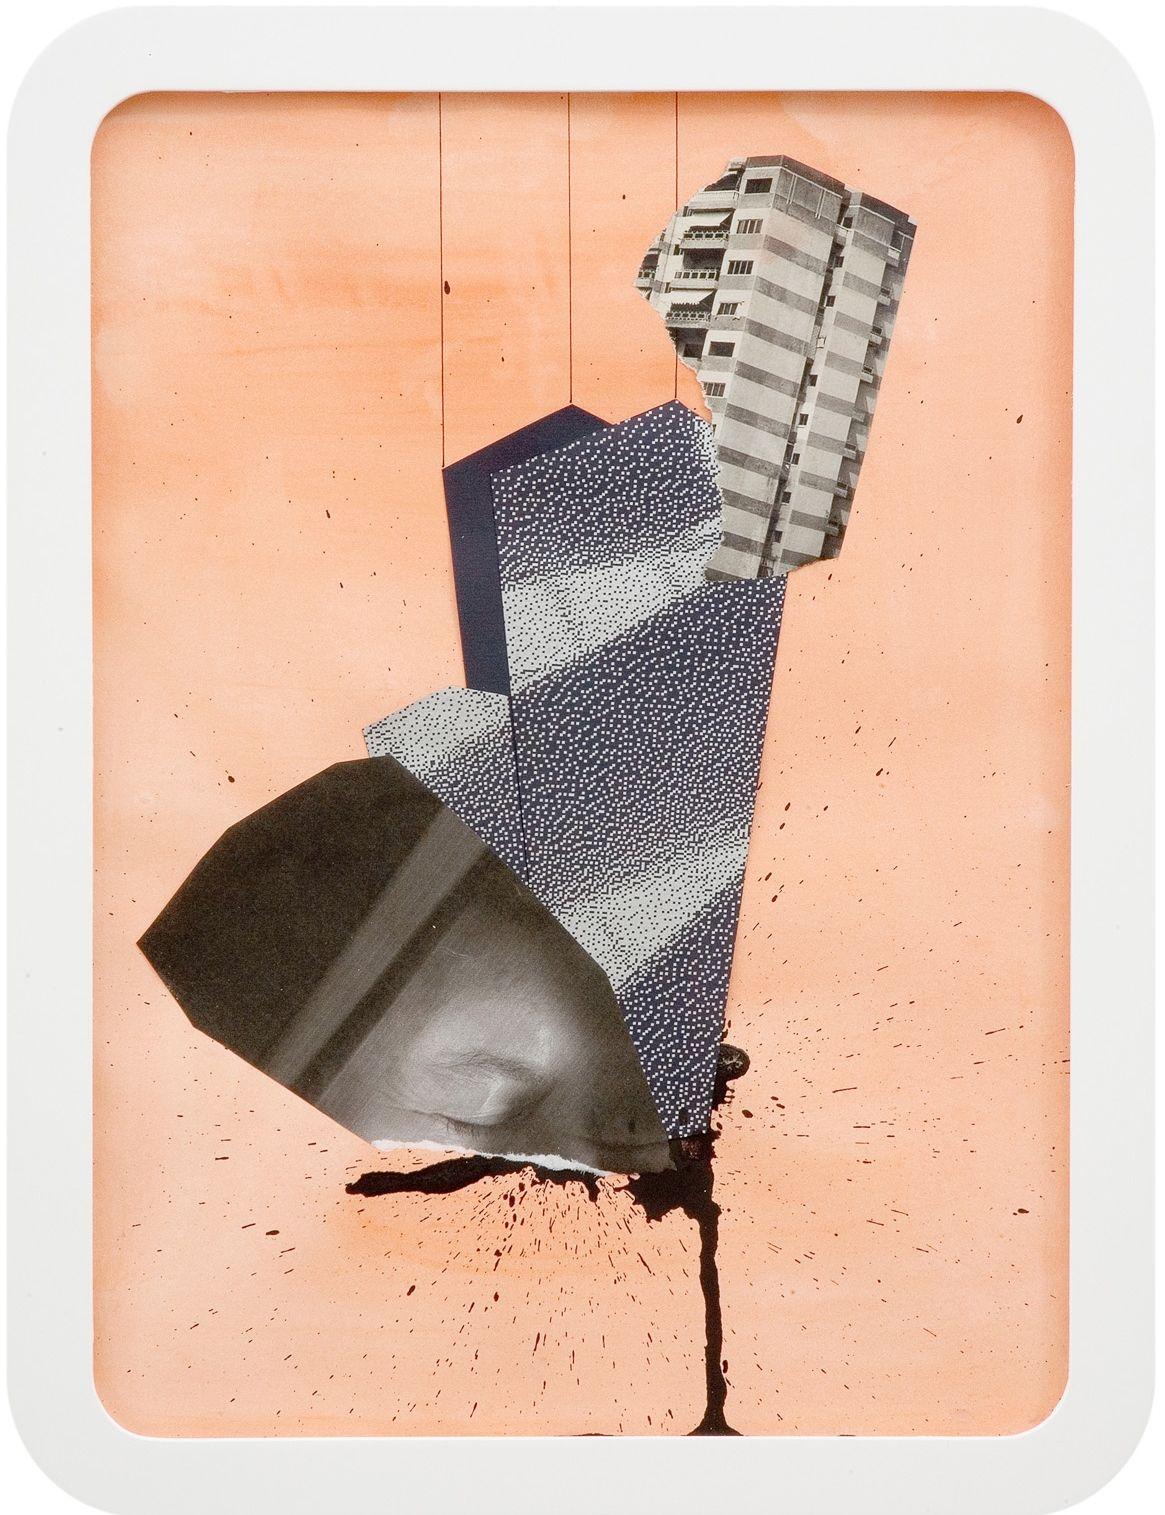 Doug Aitken, ultraworld I, 2007